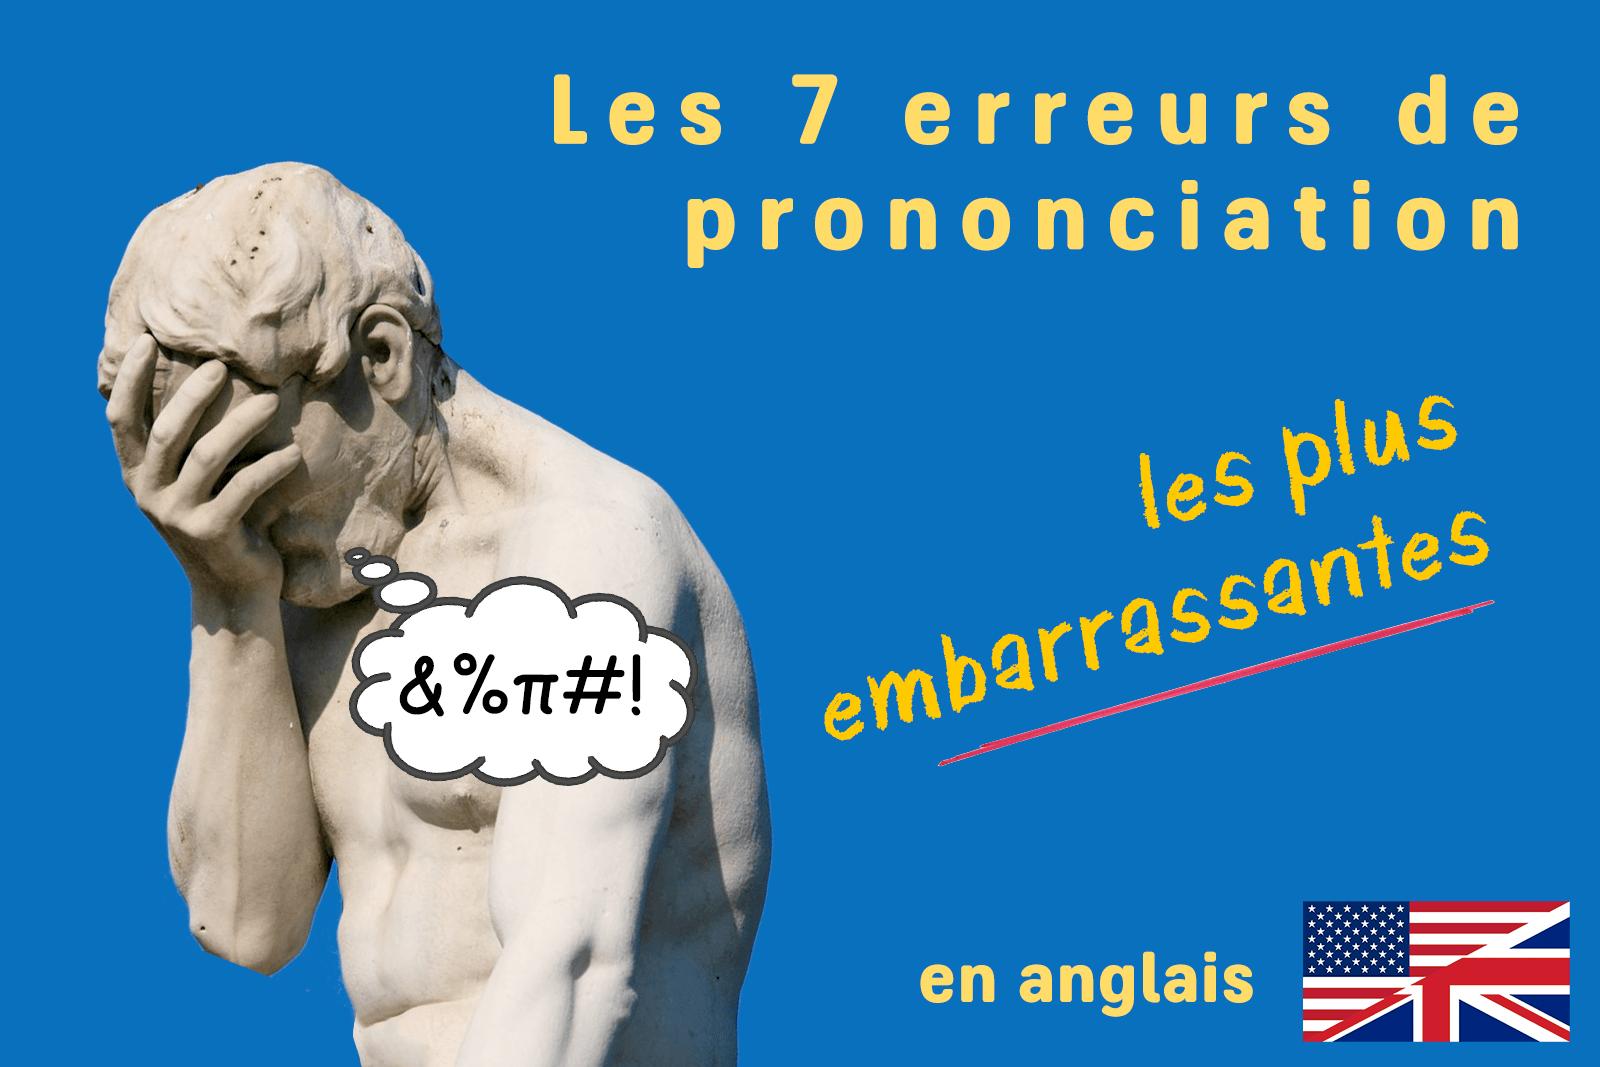 Les 7 erreurs de prononciation les plus embarrassantes en anglais